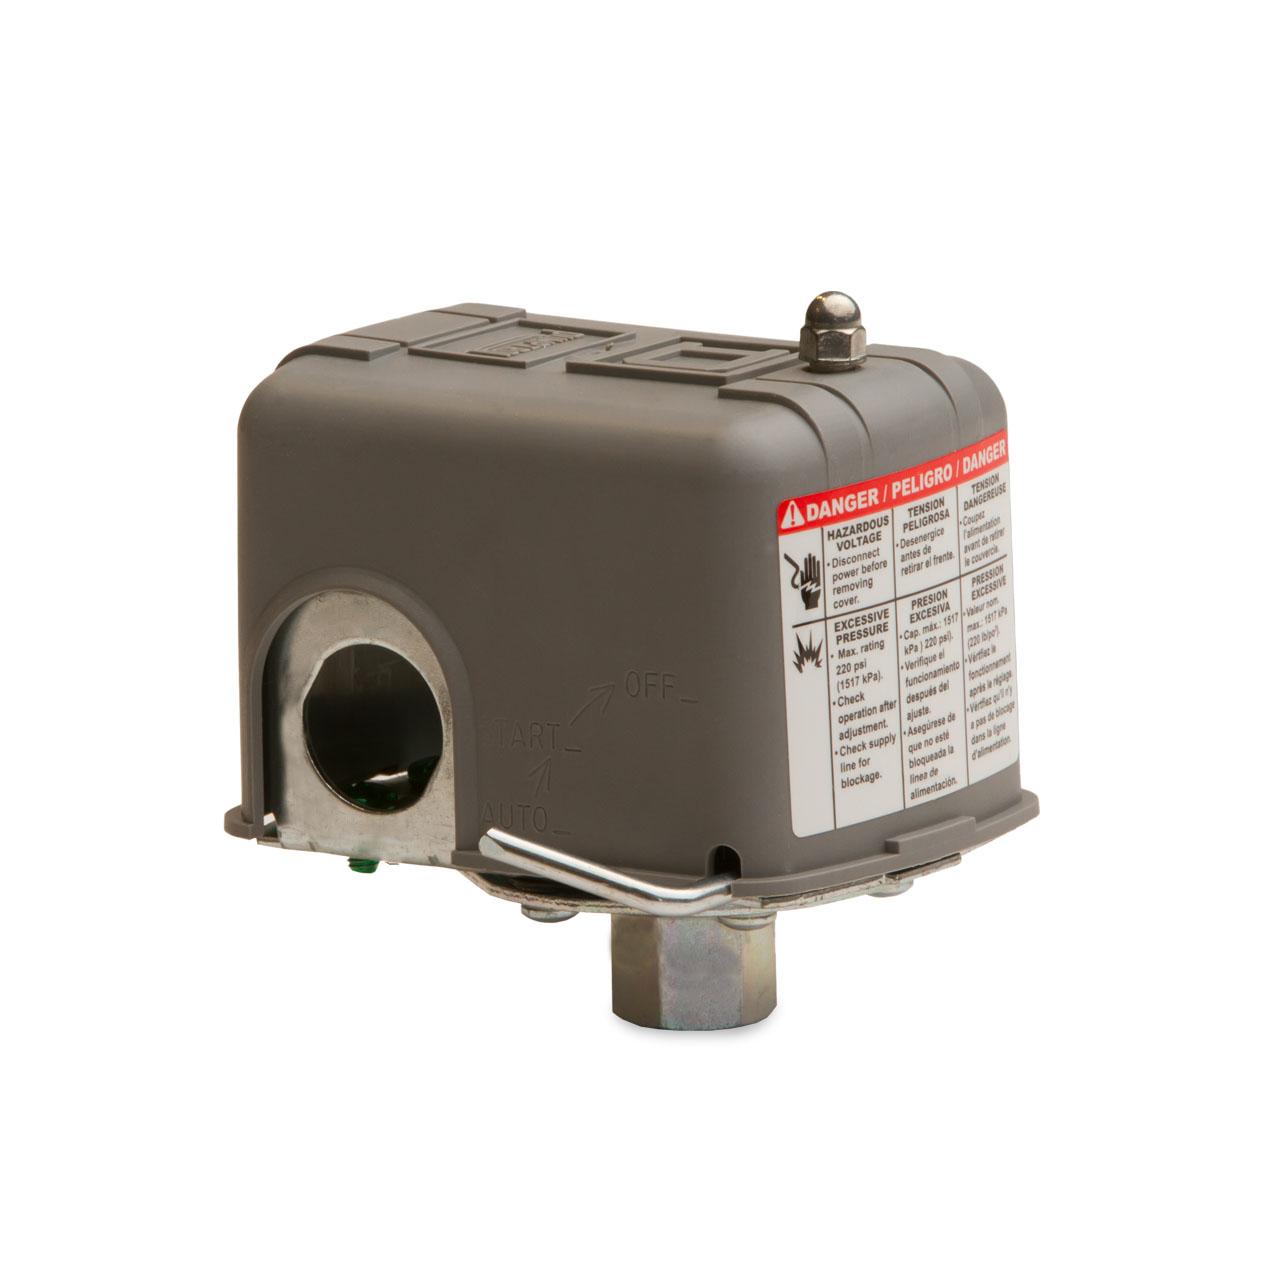 Square D Pressure Switch Low Pressure Cutoff Switch